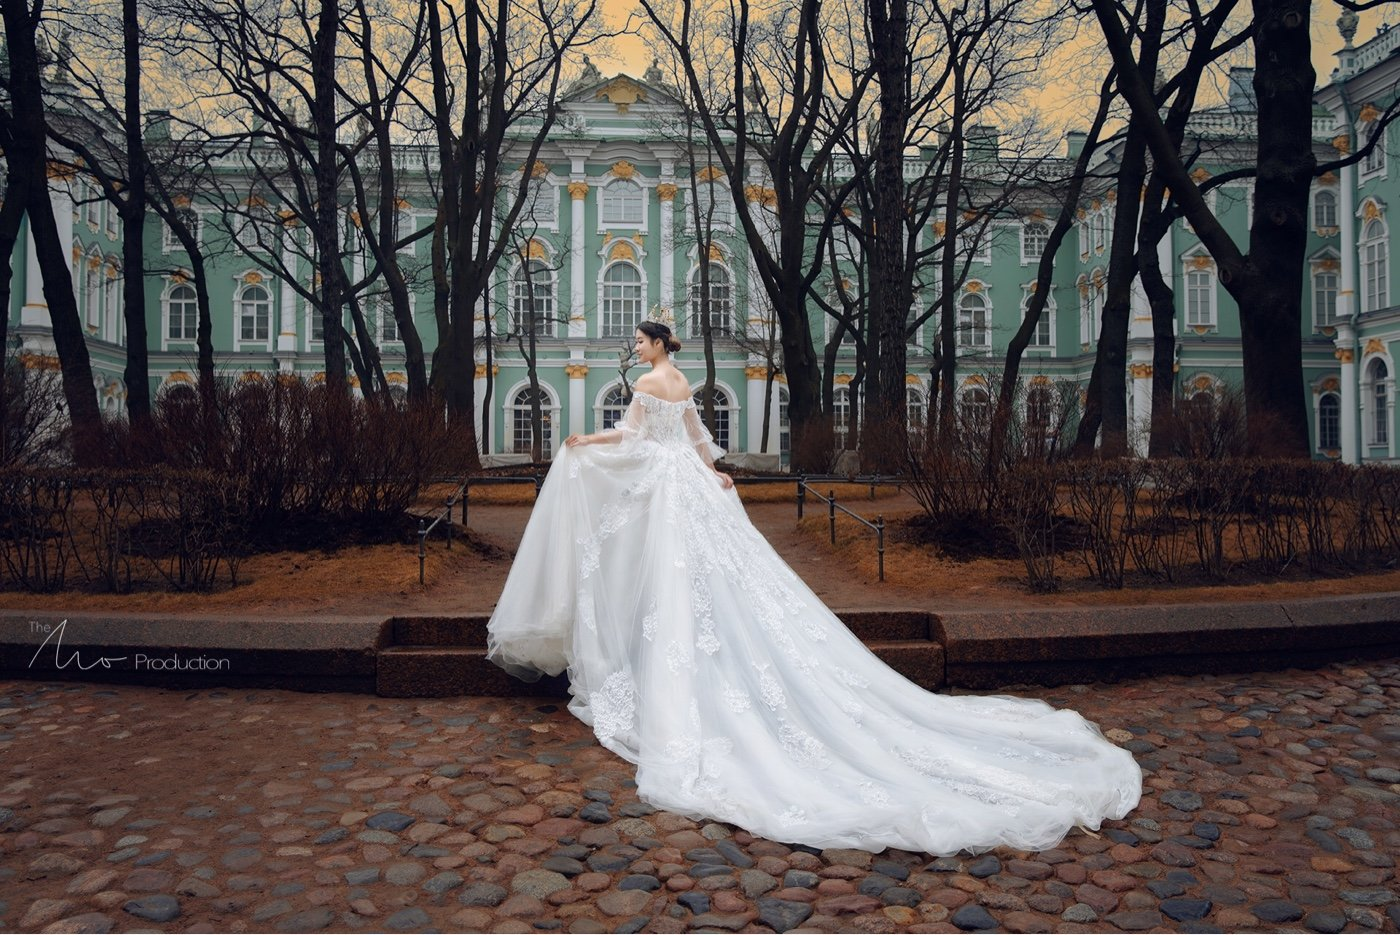 MoFoTo | 婚纱旅拍  圣彼得堡2